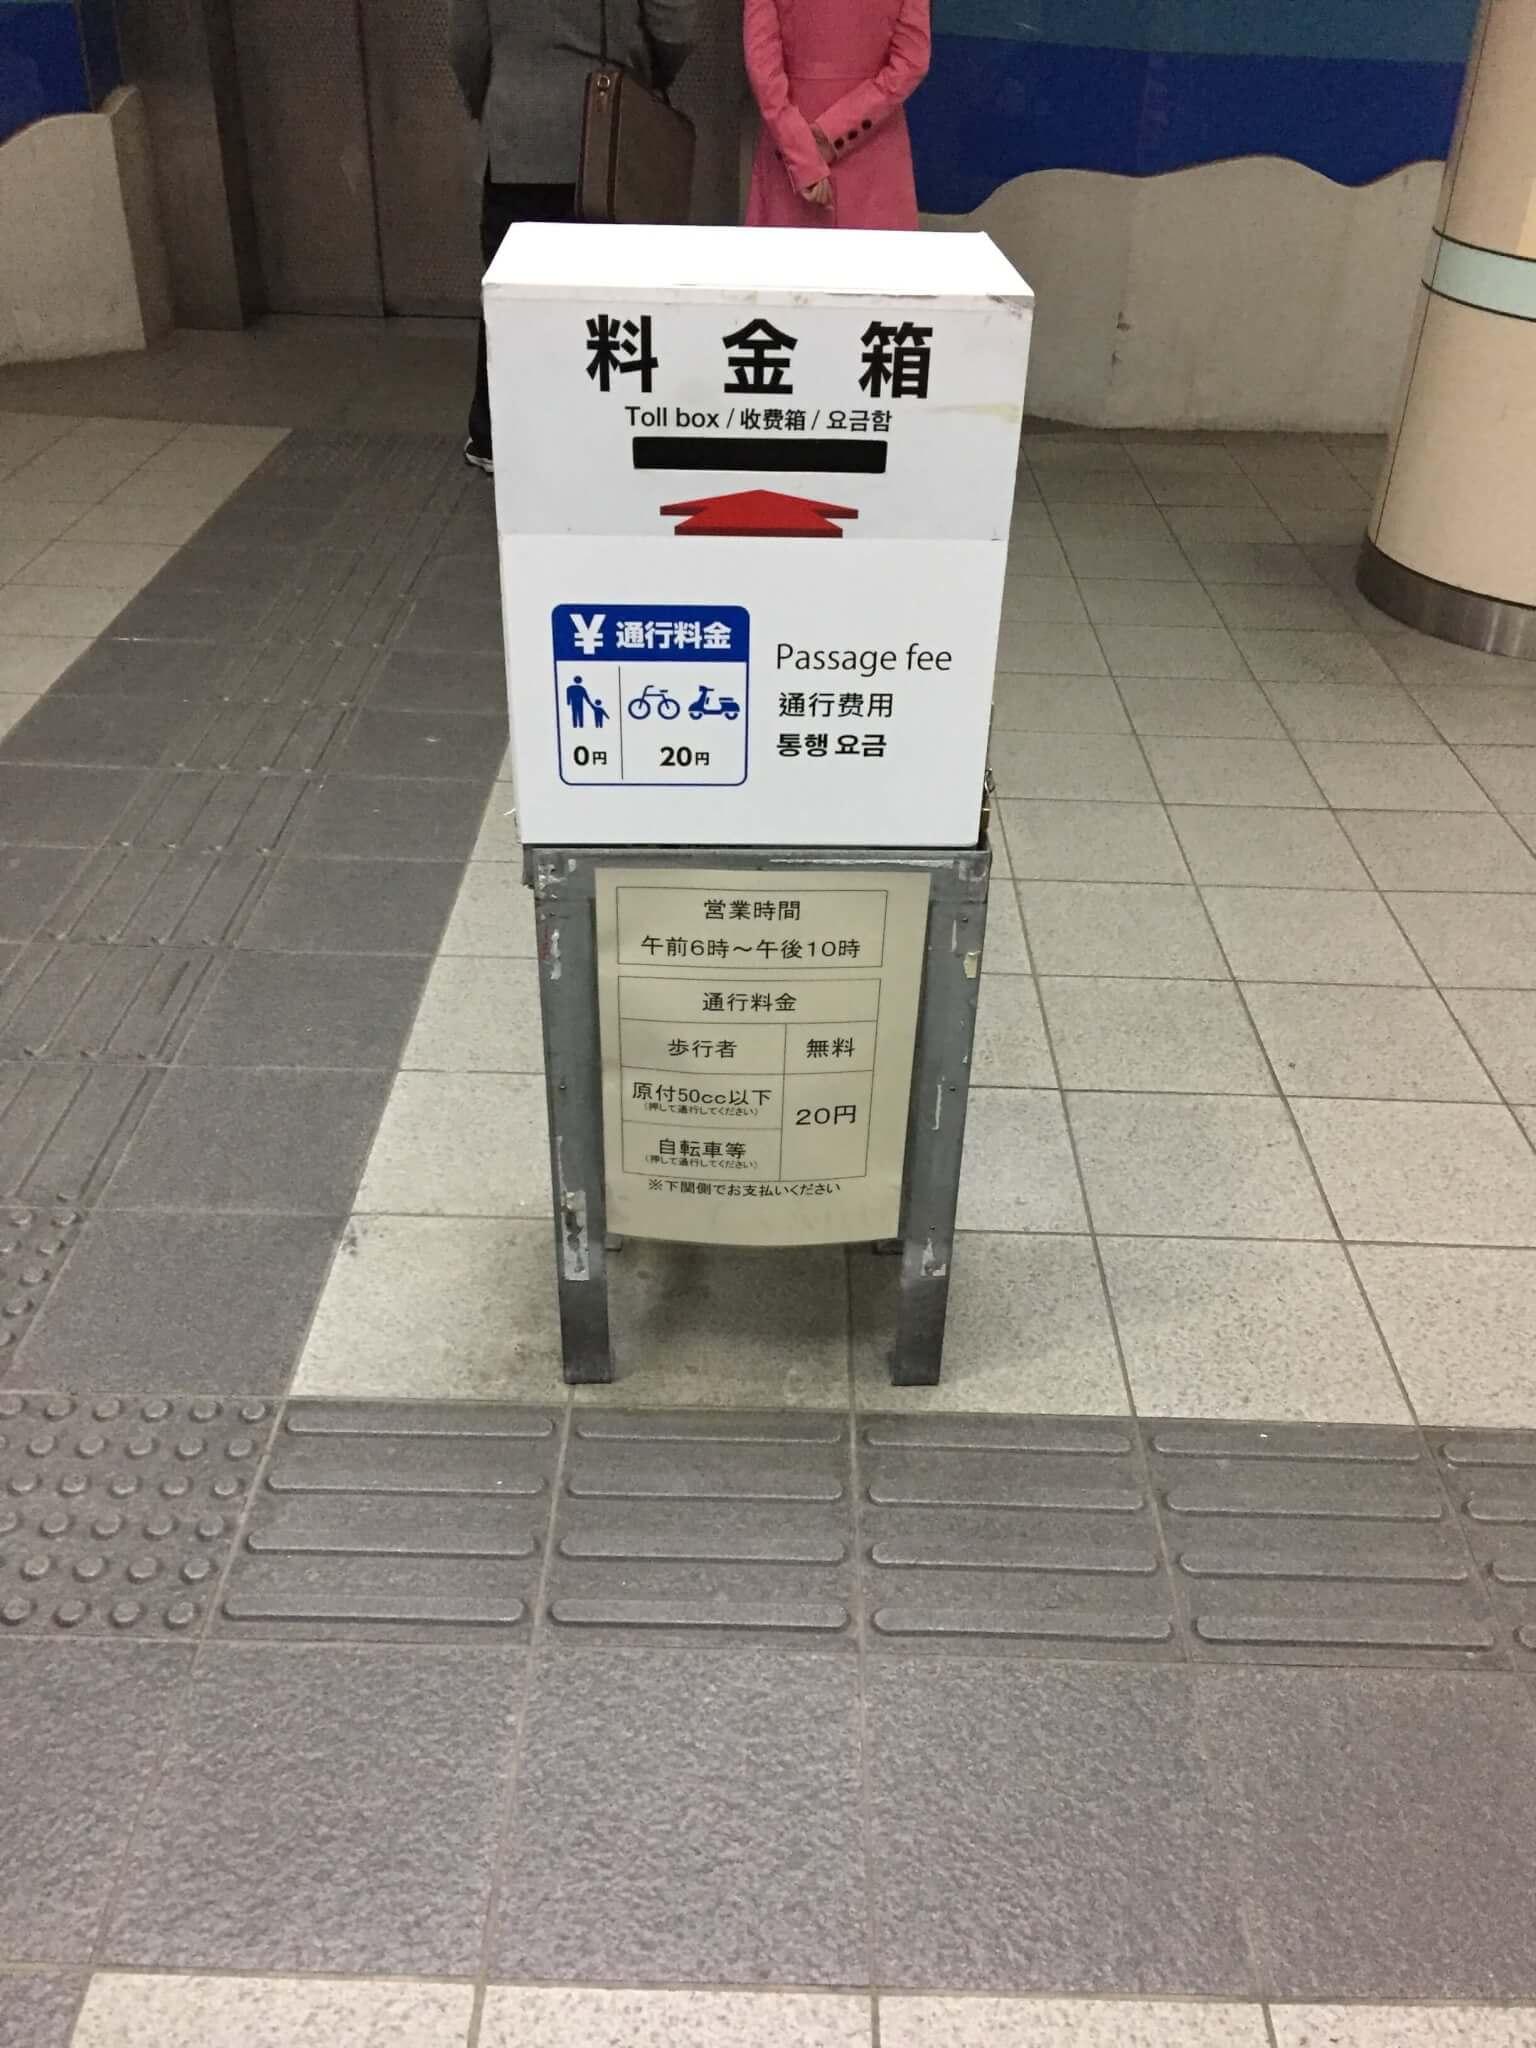 関門海峡人道の地上入り口そばの料金箱